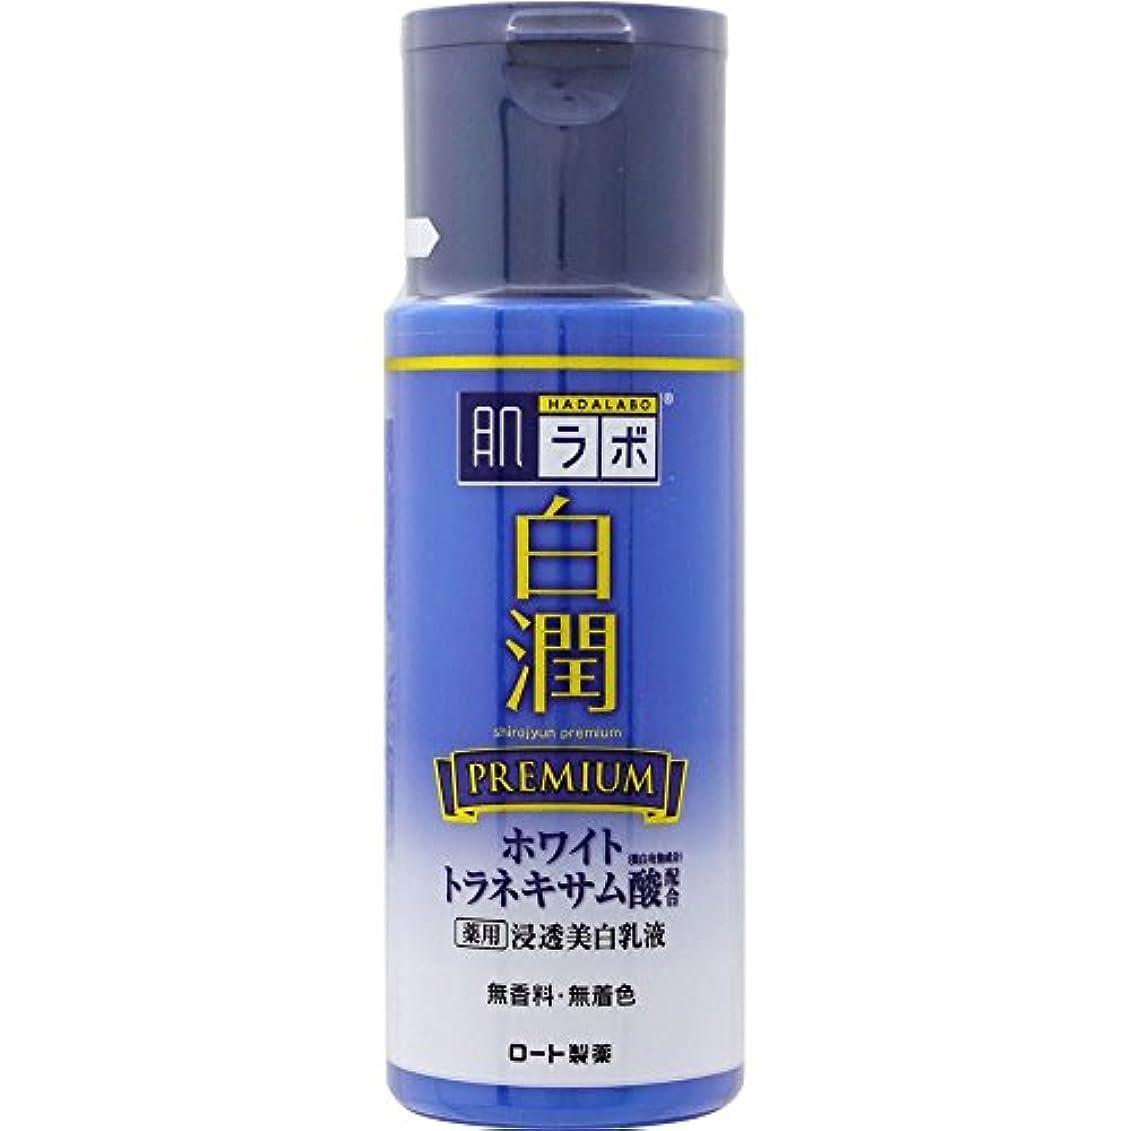 ファンド音声含む肌ラボ 白潤プレミアム 薬用浸透美白乳液 140mL (医薬部外品)